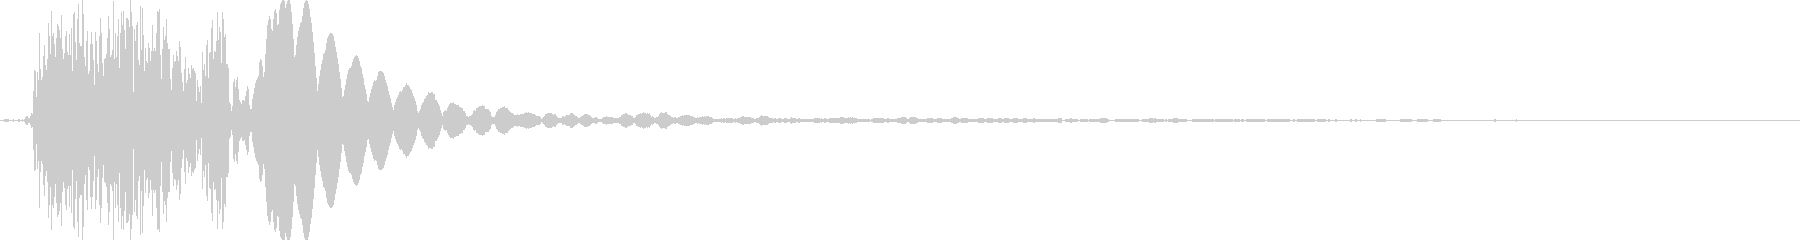 光線系の攻撃、閃光の音の未再生の波形